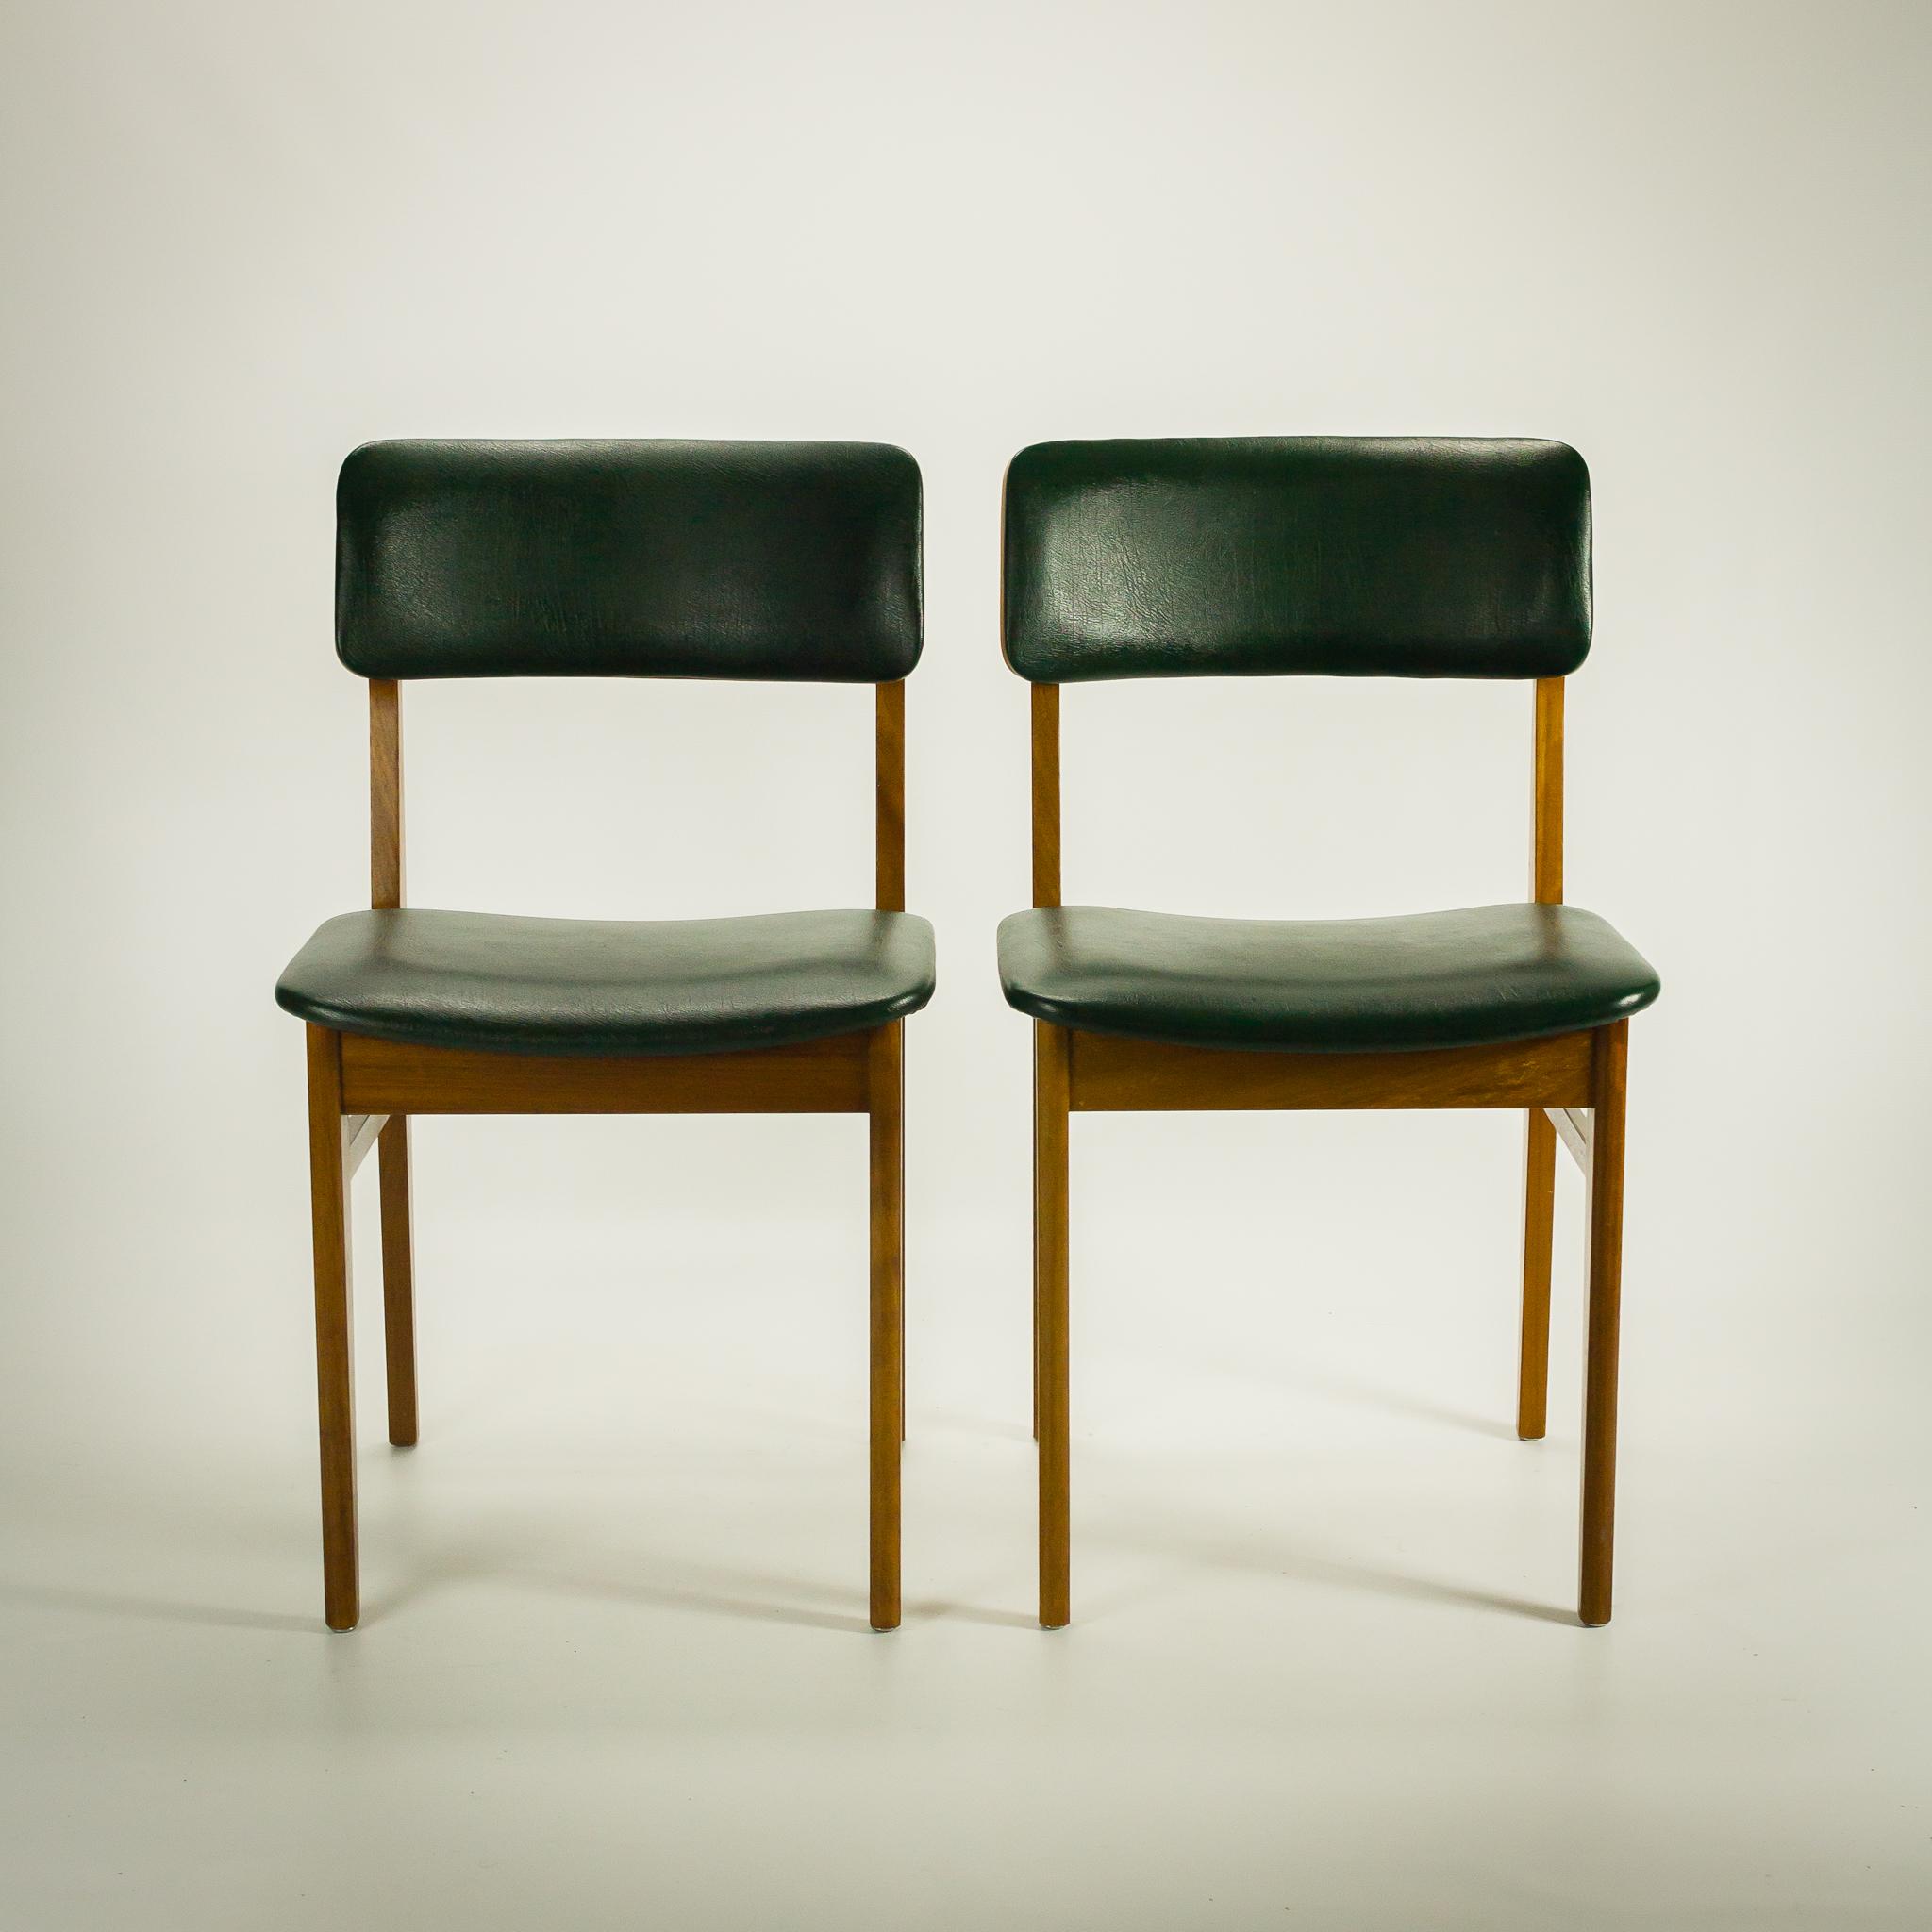 Stoelen voor eettafel cheap rotan stoelen baluw groen for Rotan eettafel stoel